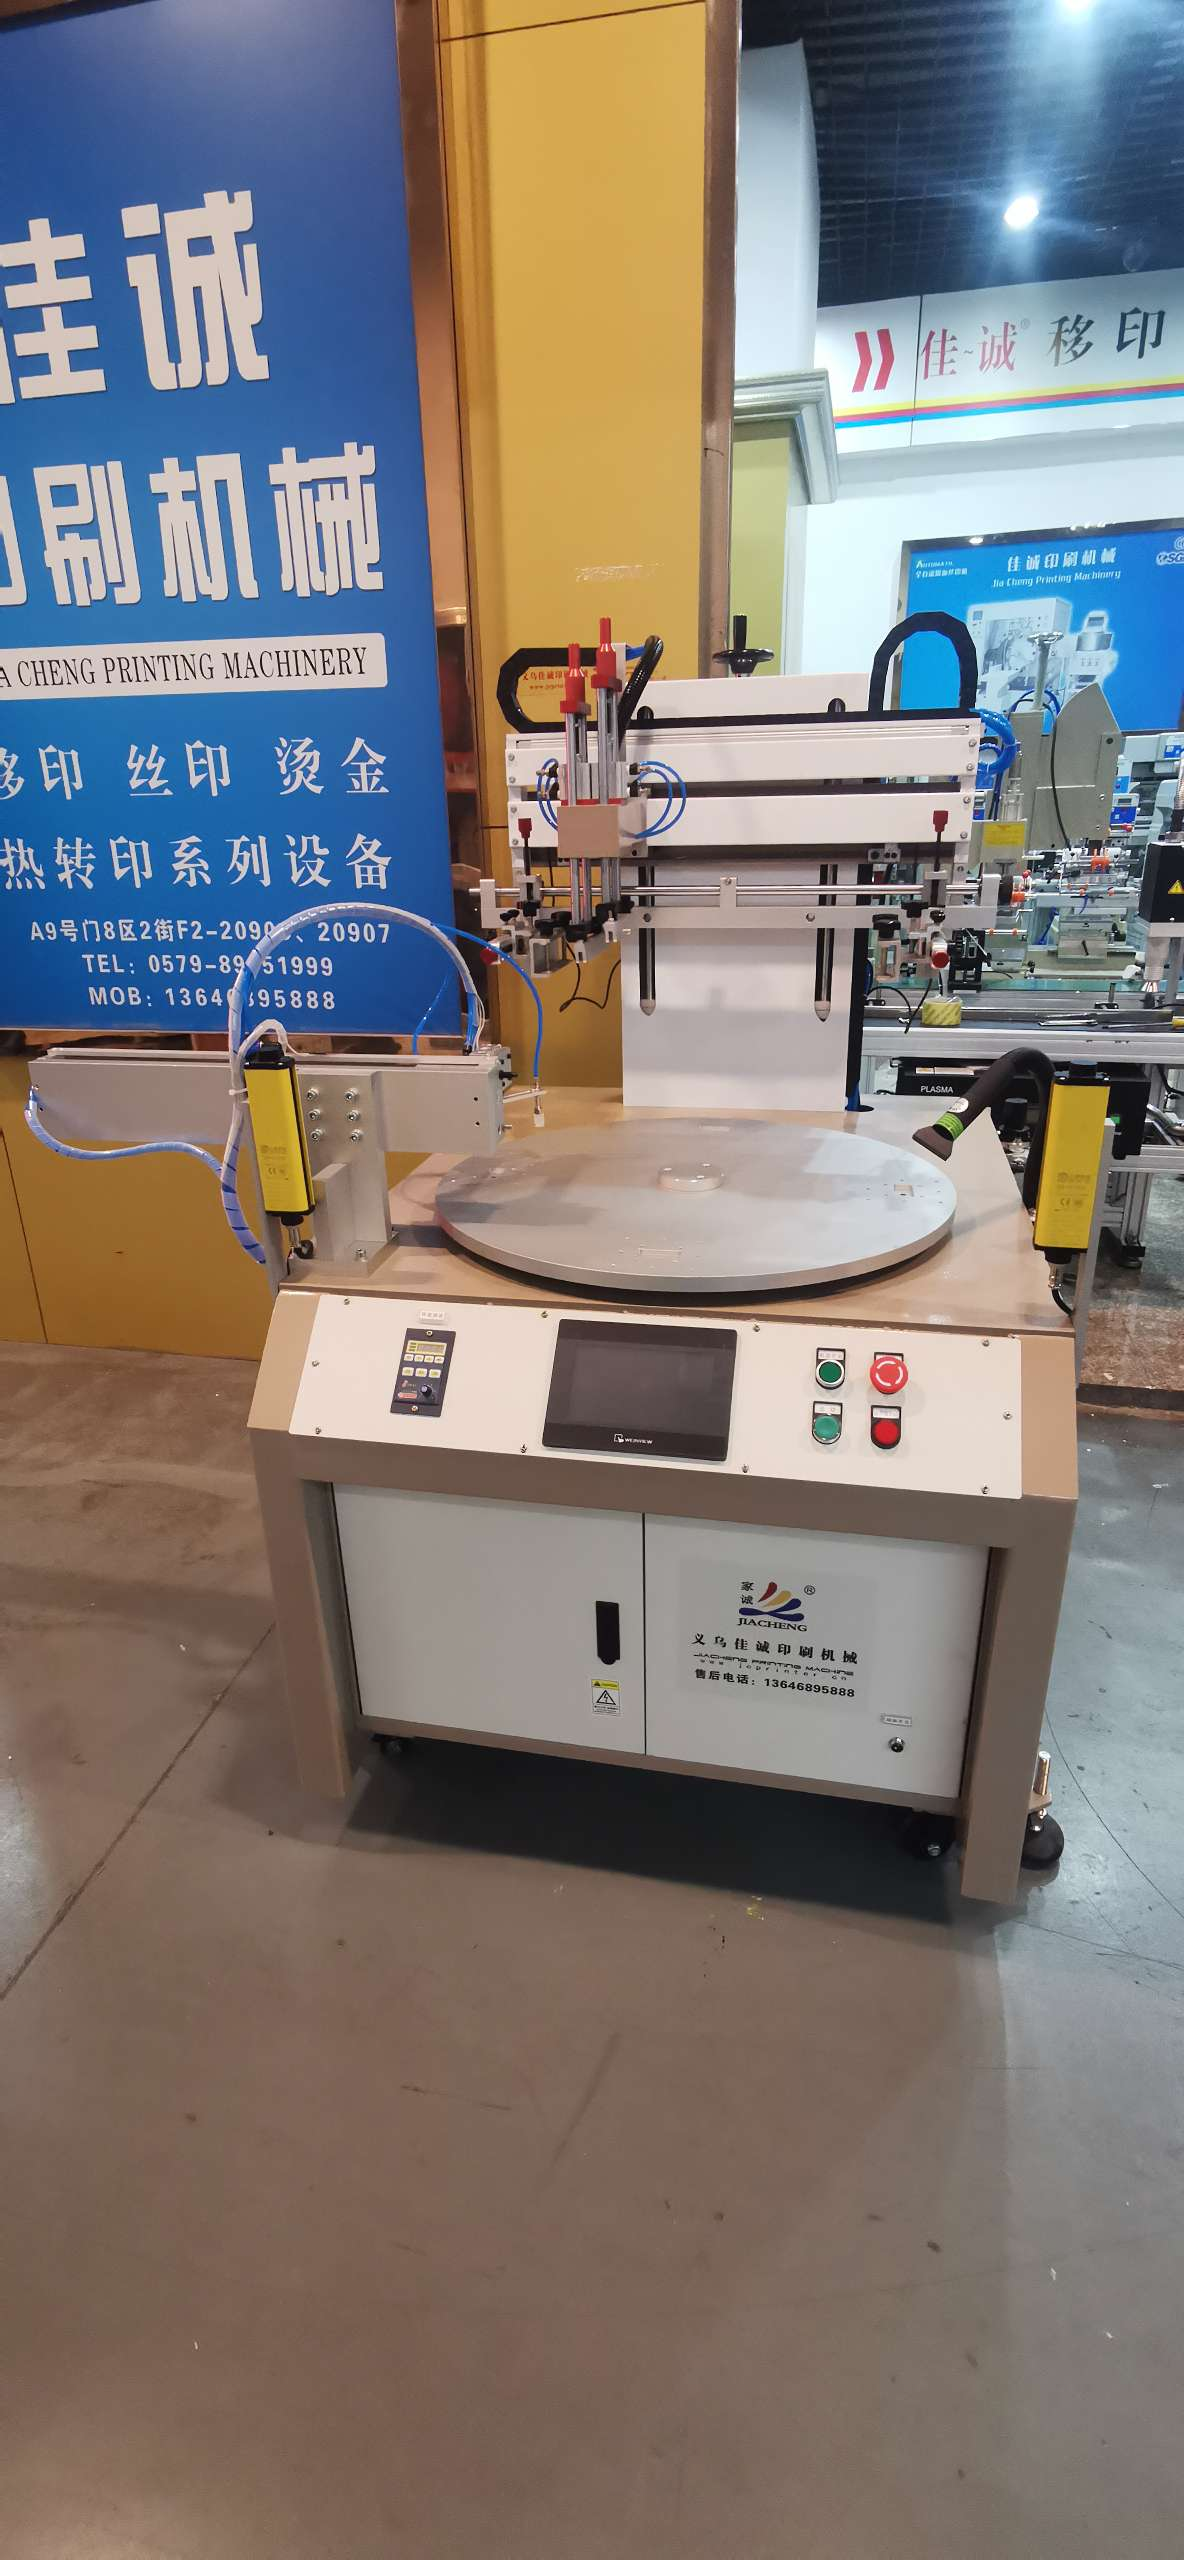 丝网印刷机械设备jc-3040F4平面四工位丝网印刷机带自动出料